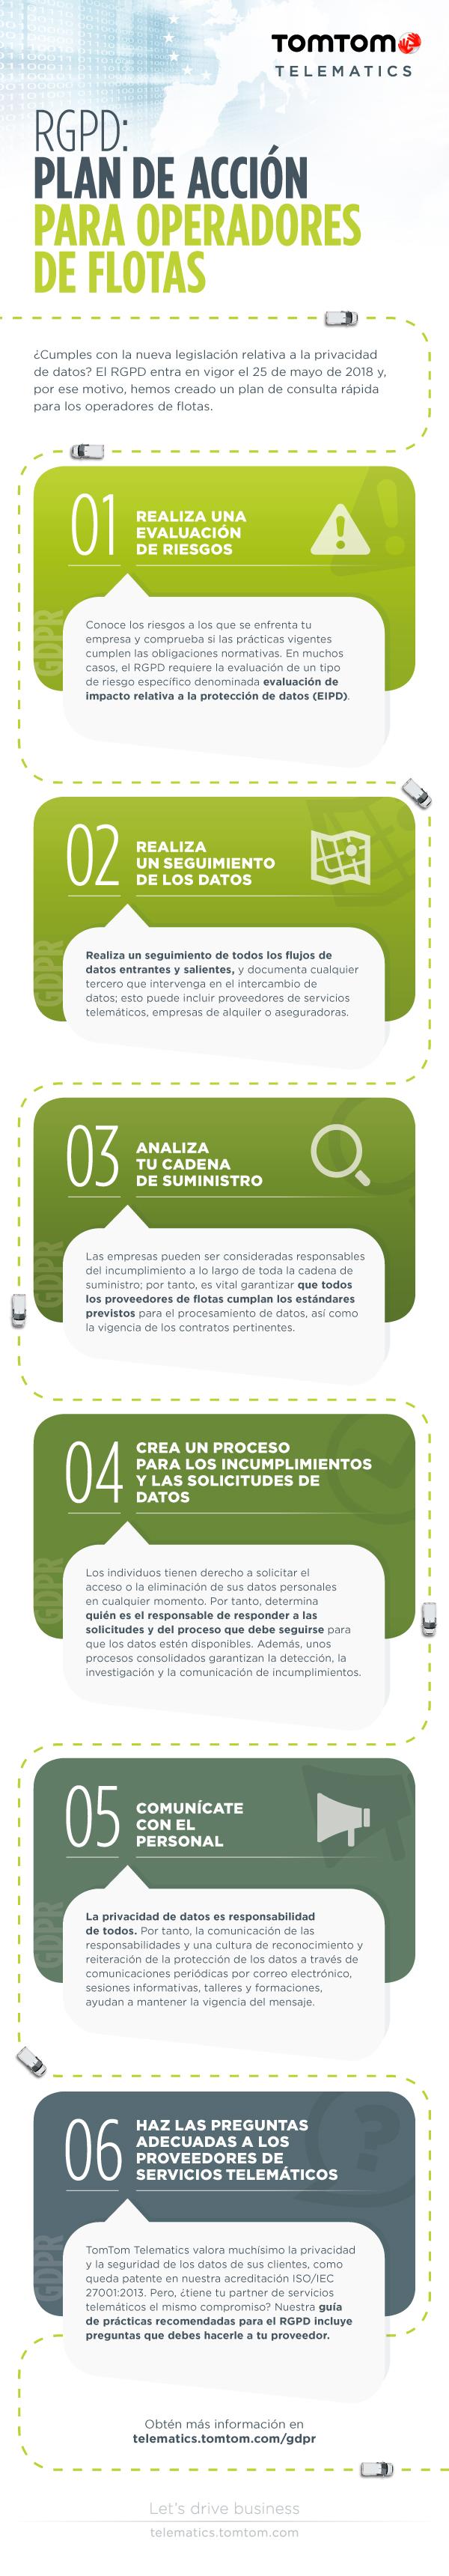 cómo aplicar el GDPR